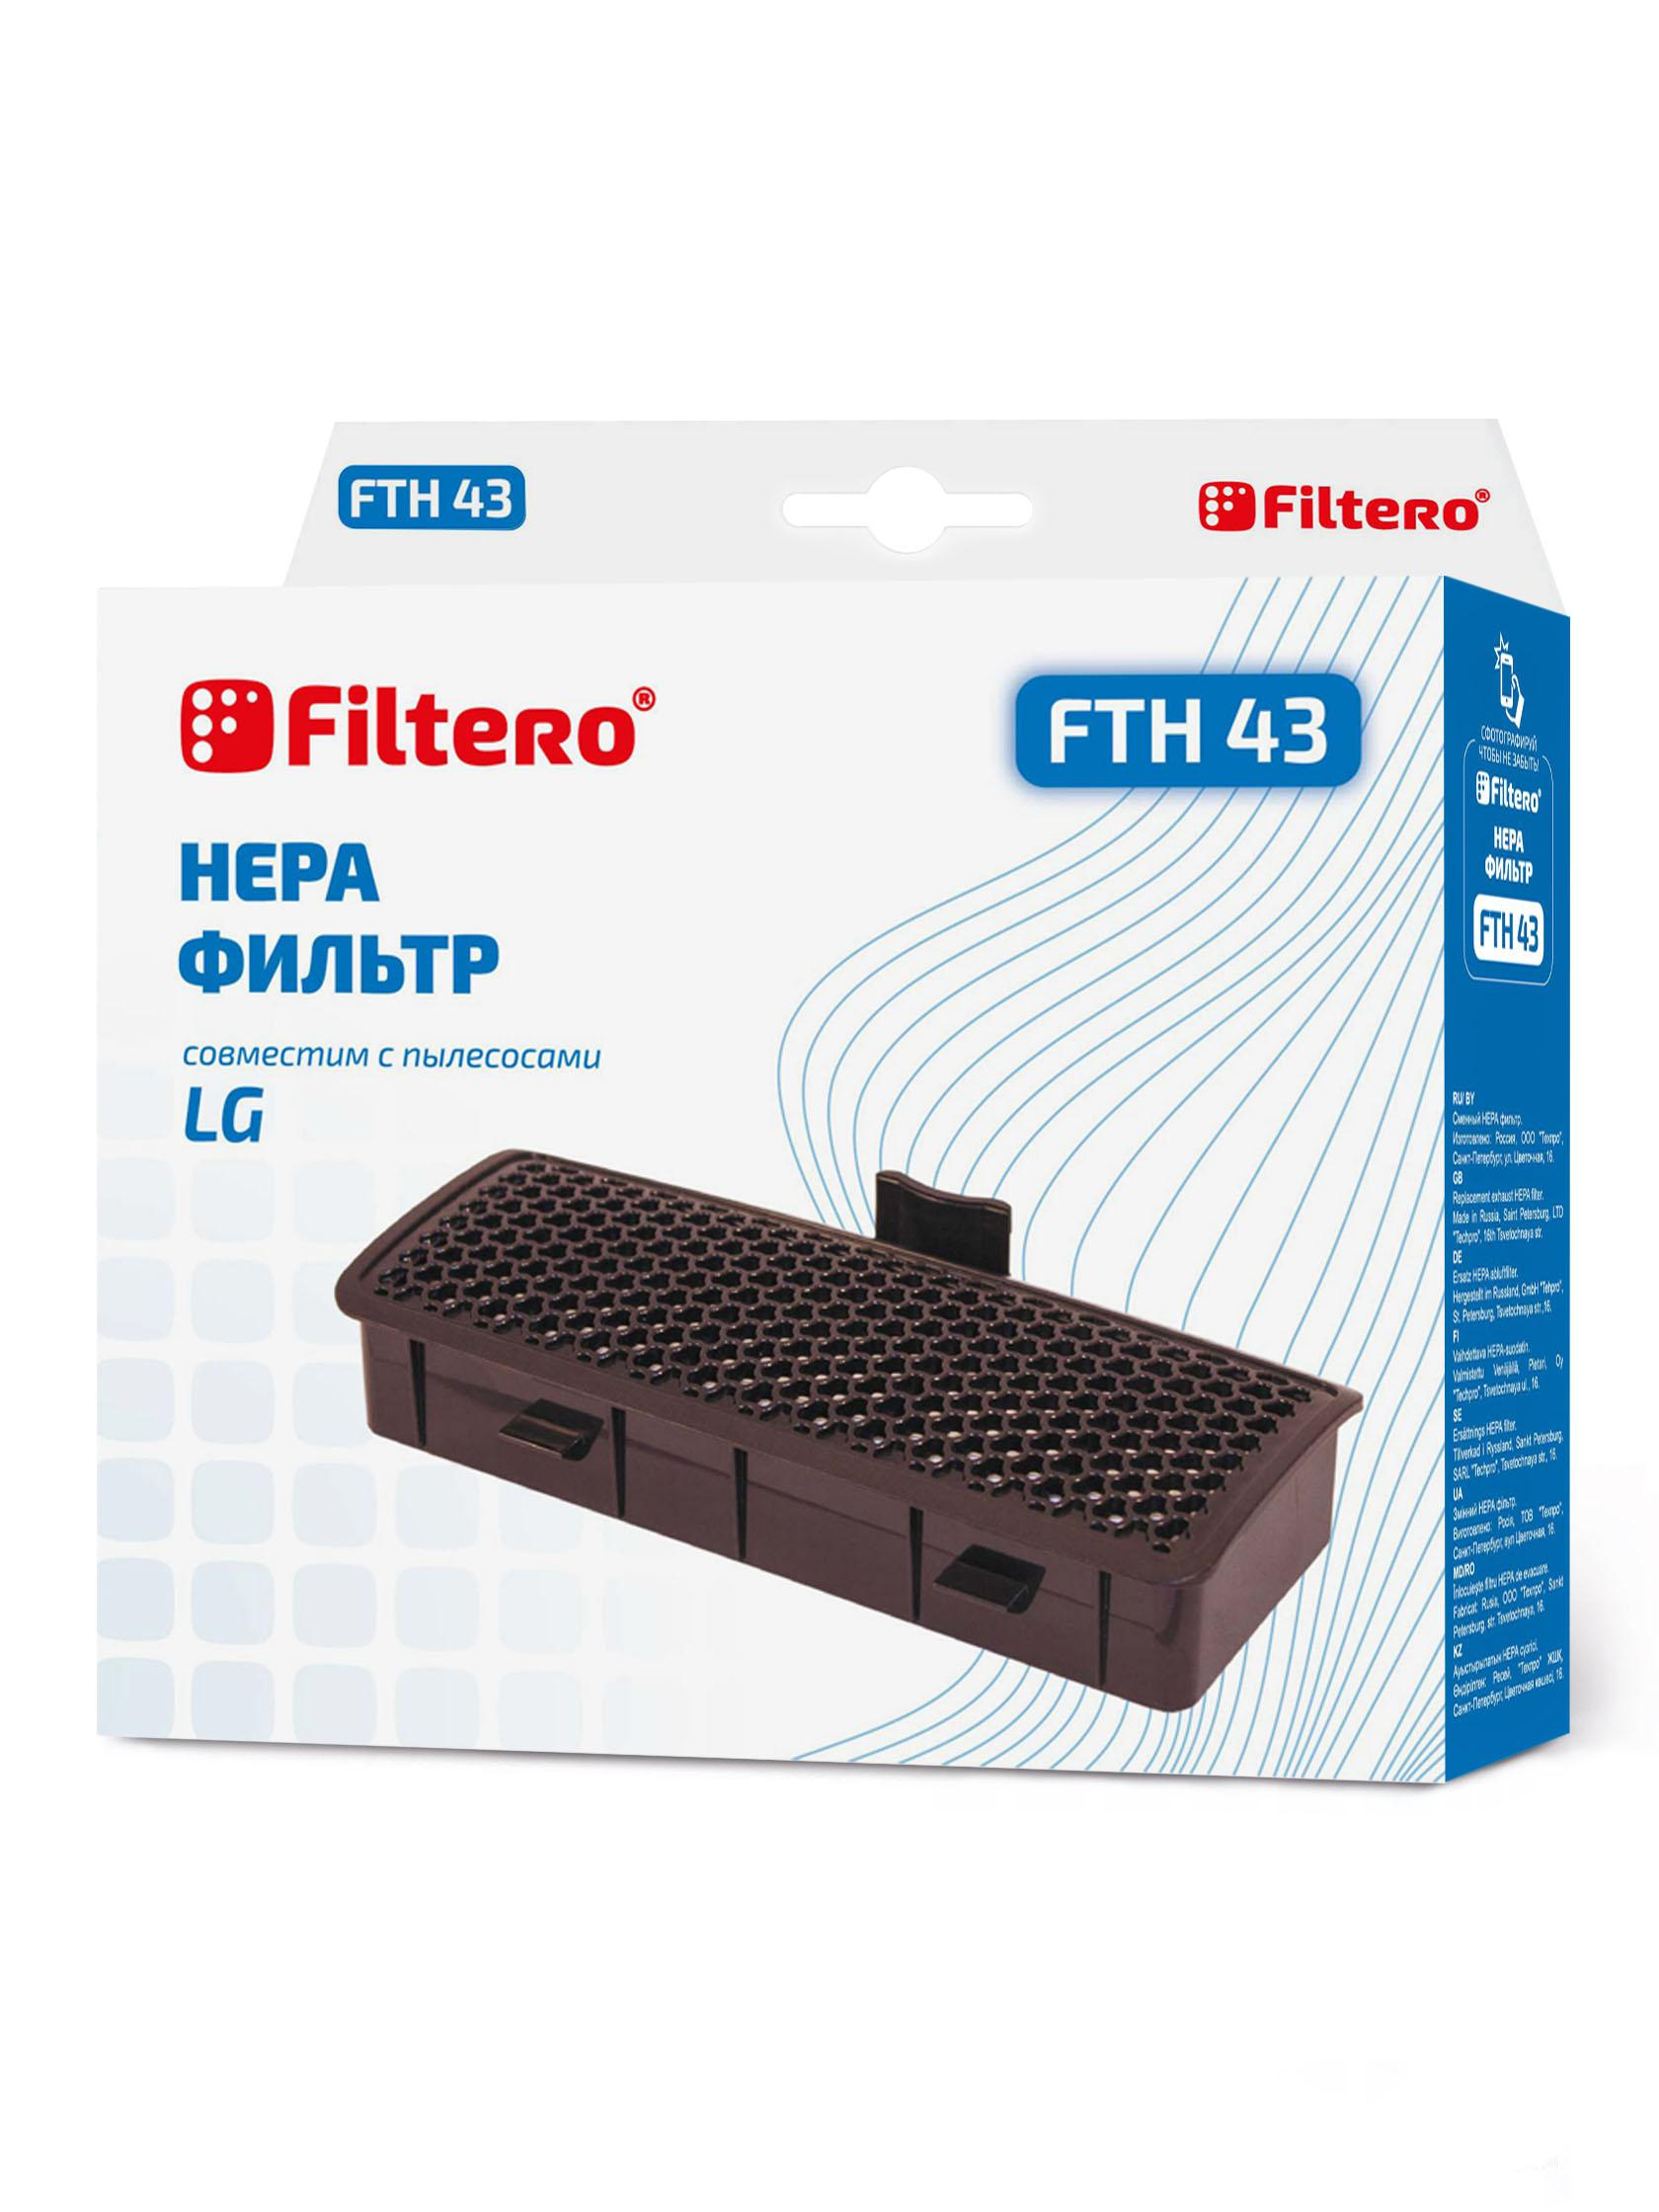 Фильтр Filtero Fth 43 lge hepa фильтр filtero fth 45 lge для lg